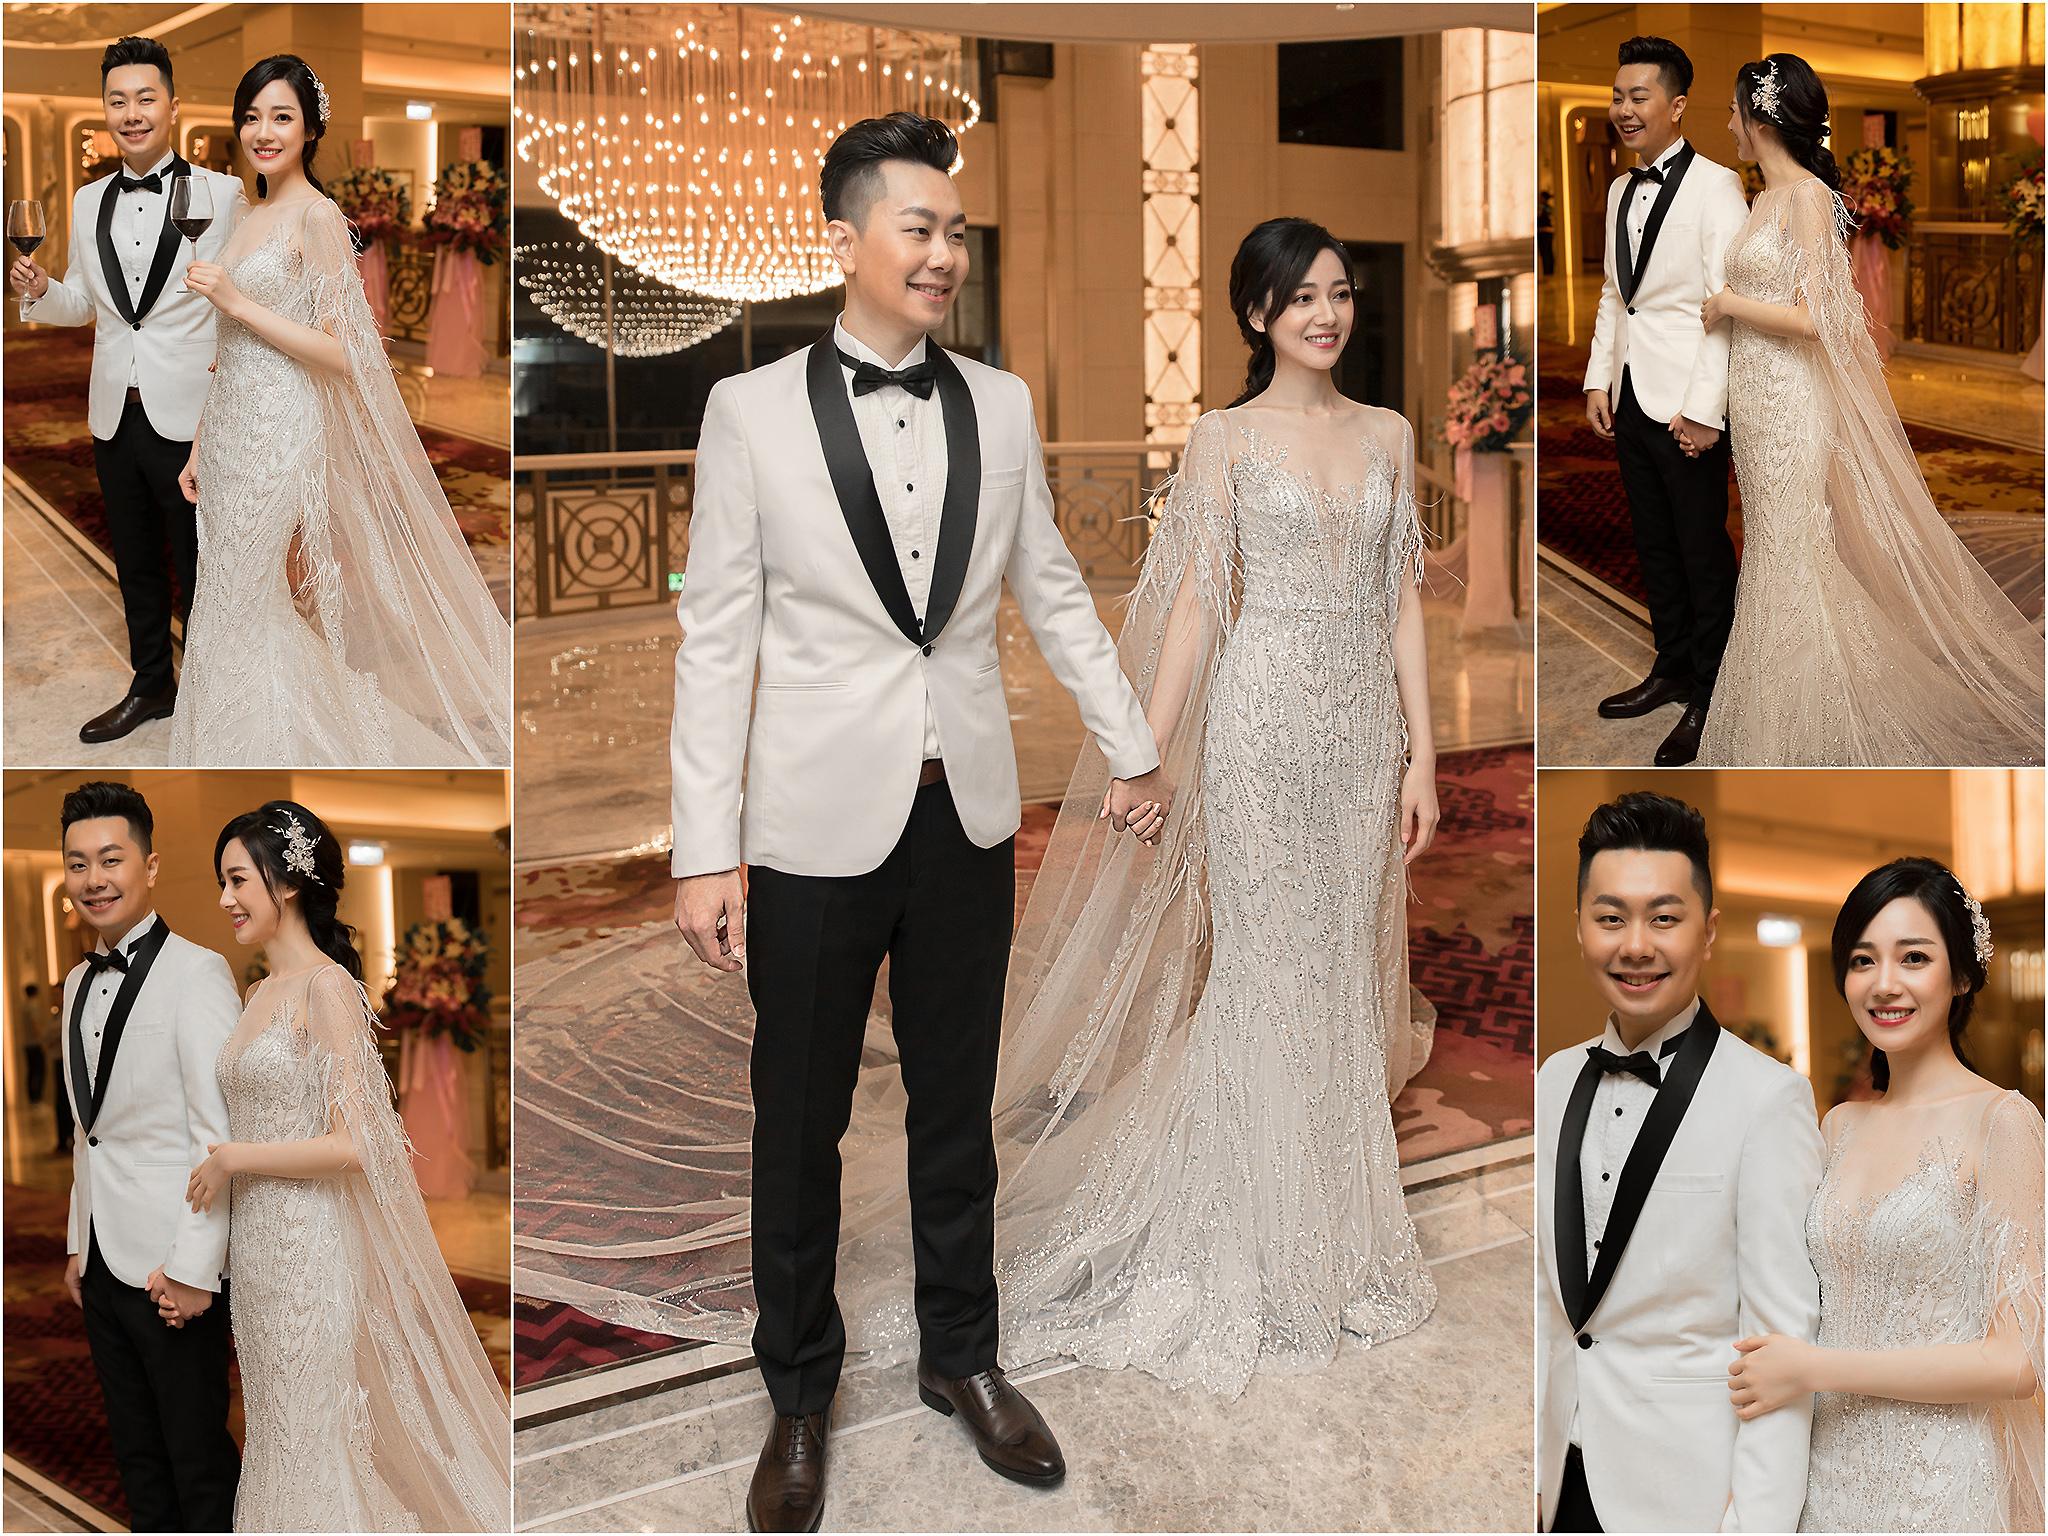 新秘Yuki, 新娘秘書, 新秘, 新娘造型, 新秘推薦, 低馬尾造型, 優雅風造型, 台北新秘, 美福飯店婚宴, 蘇菲雅婚紗